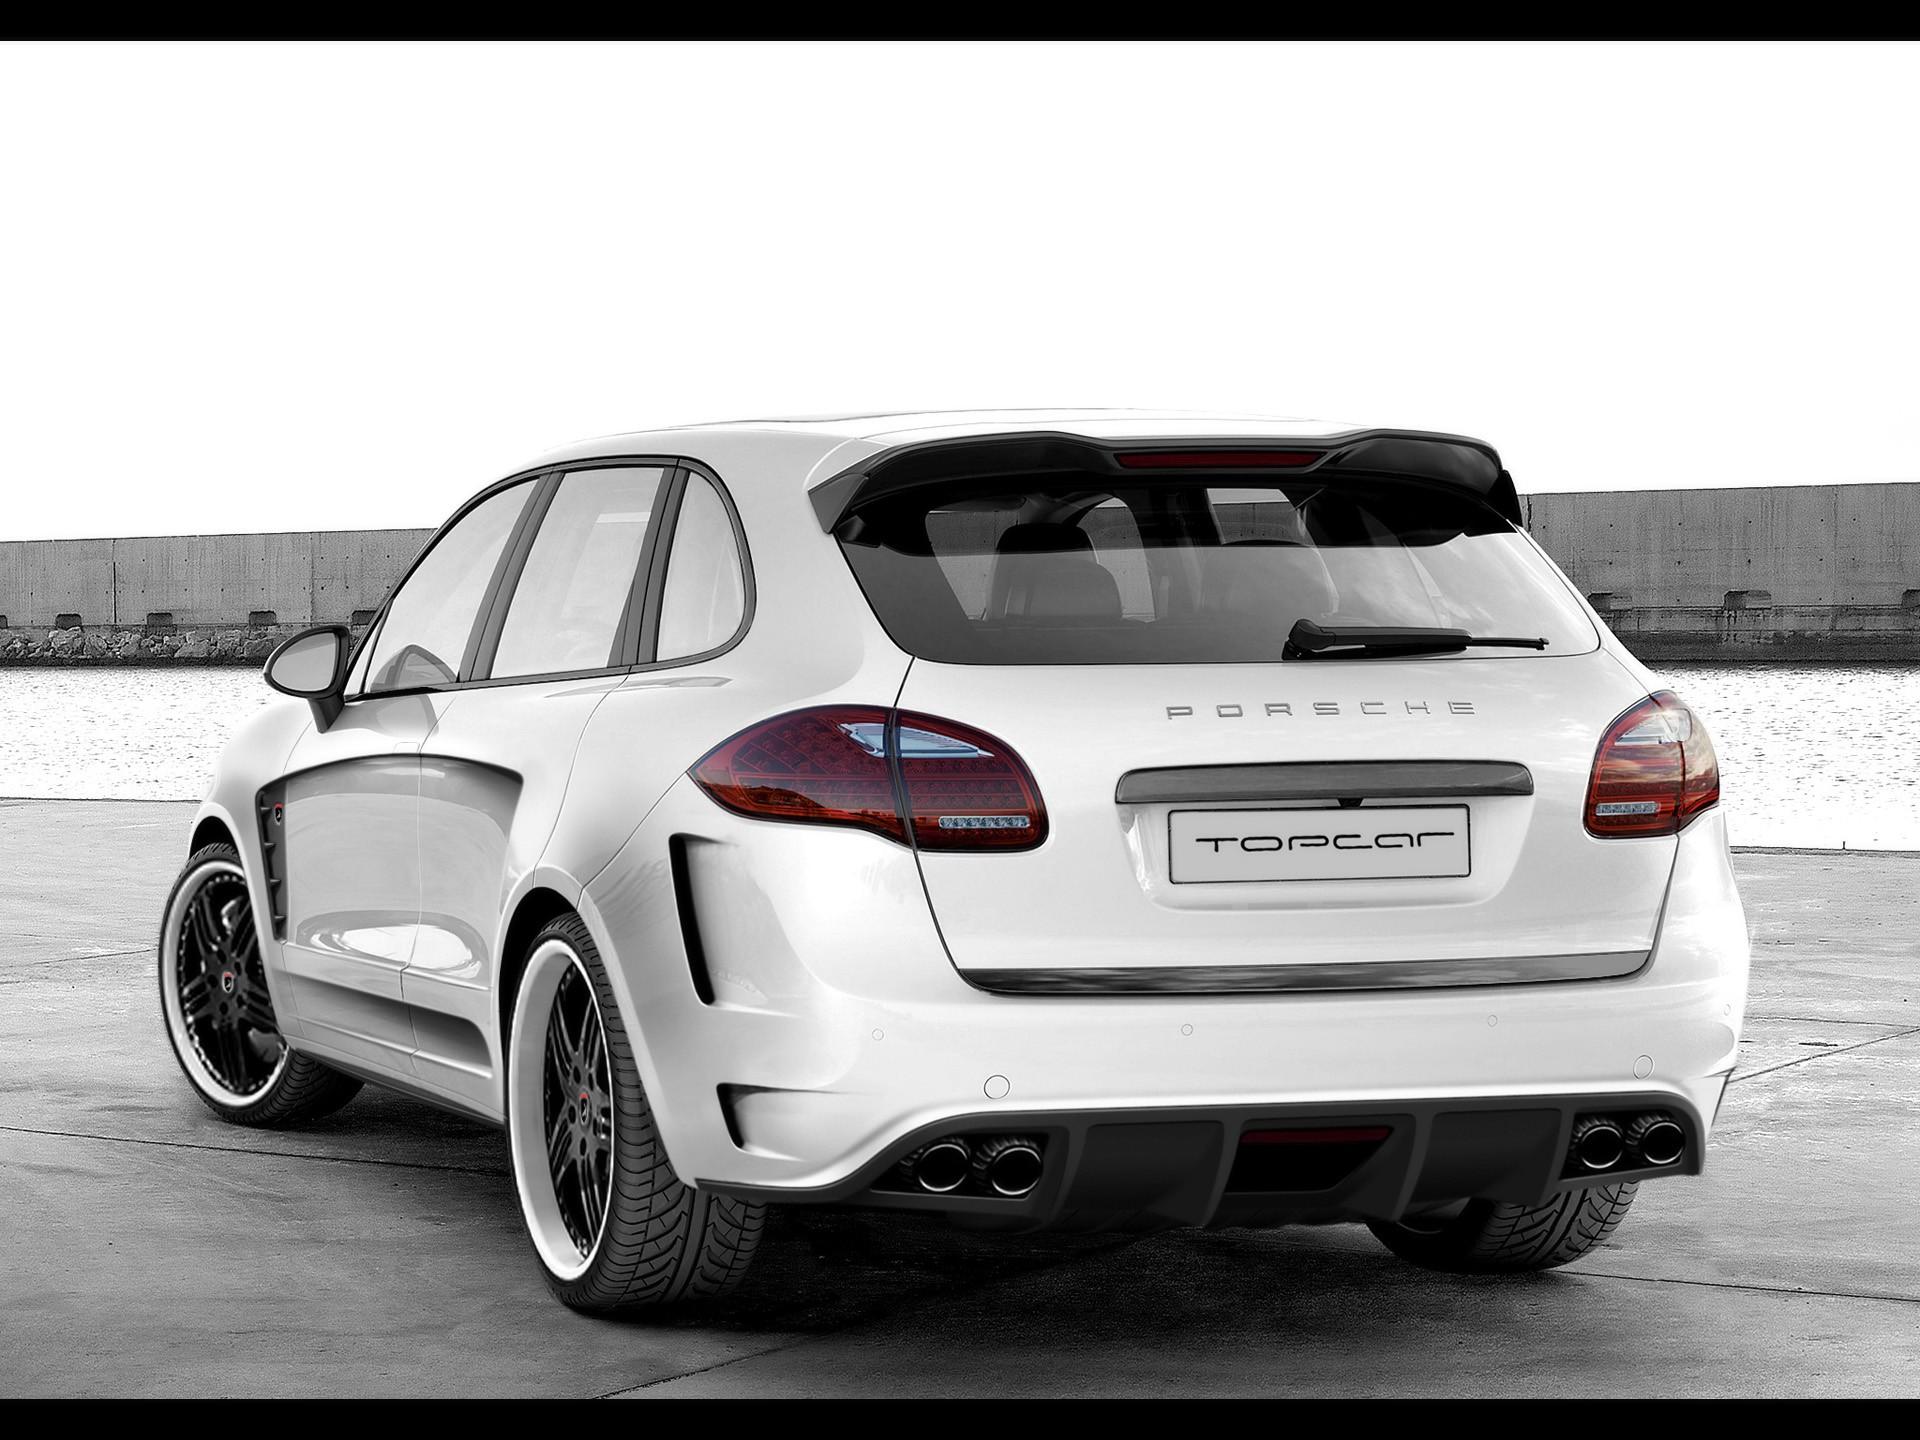 2010 Topcar Porsche Cayenne 2 Vantage GTR